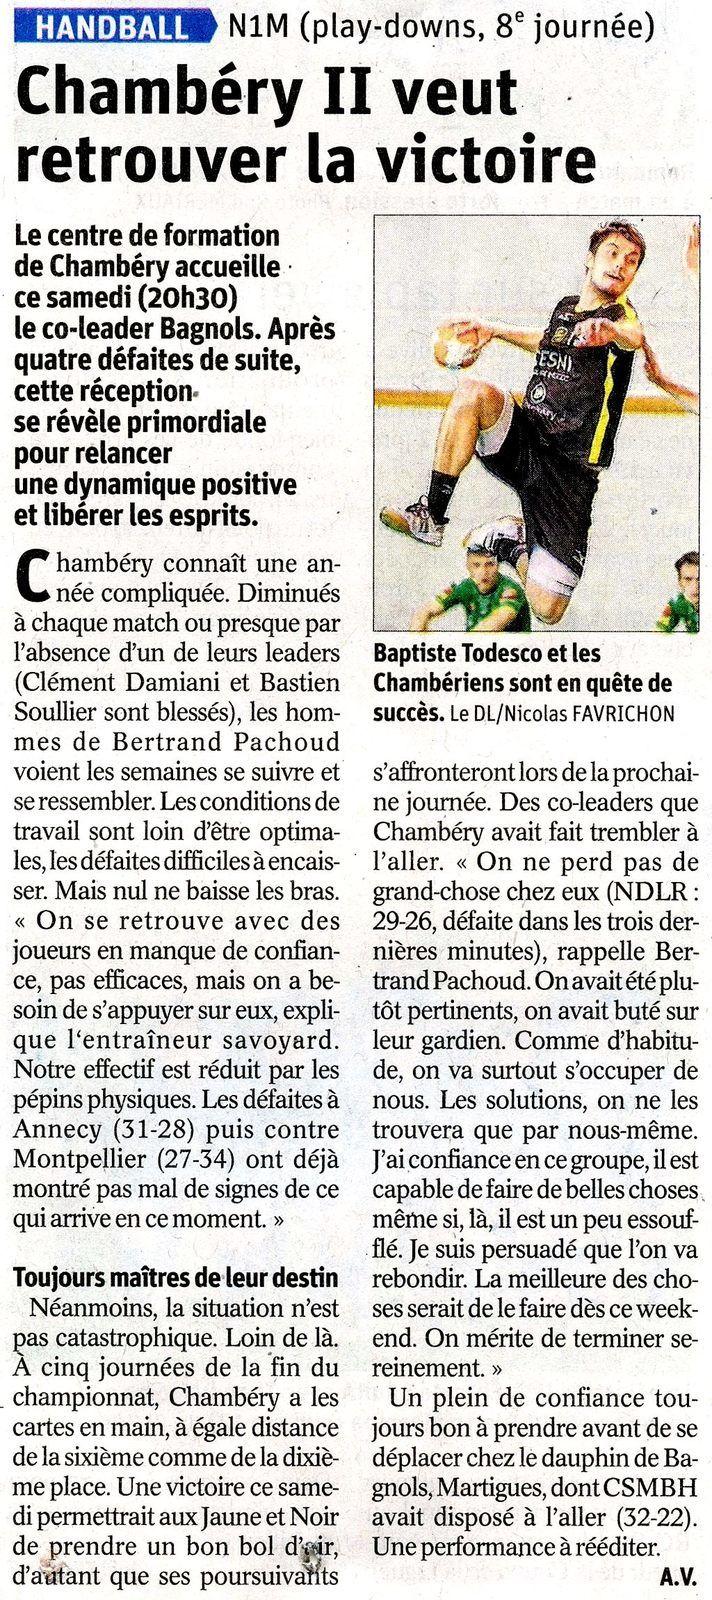 N1 Article du DL avant le match CHAMBERY2 - BAGNOLS du samedi 4 mai 2019 par Adonis VESIN